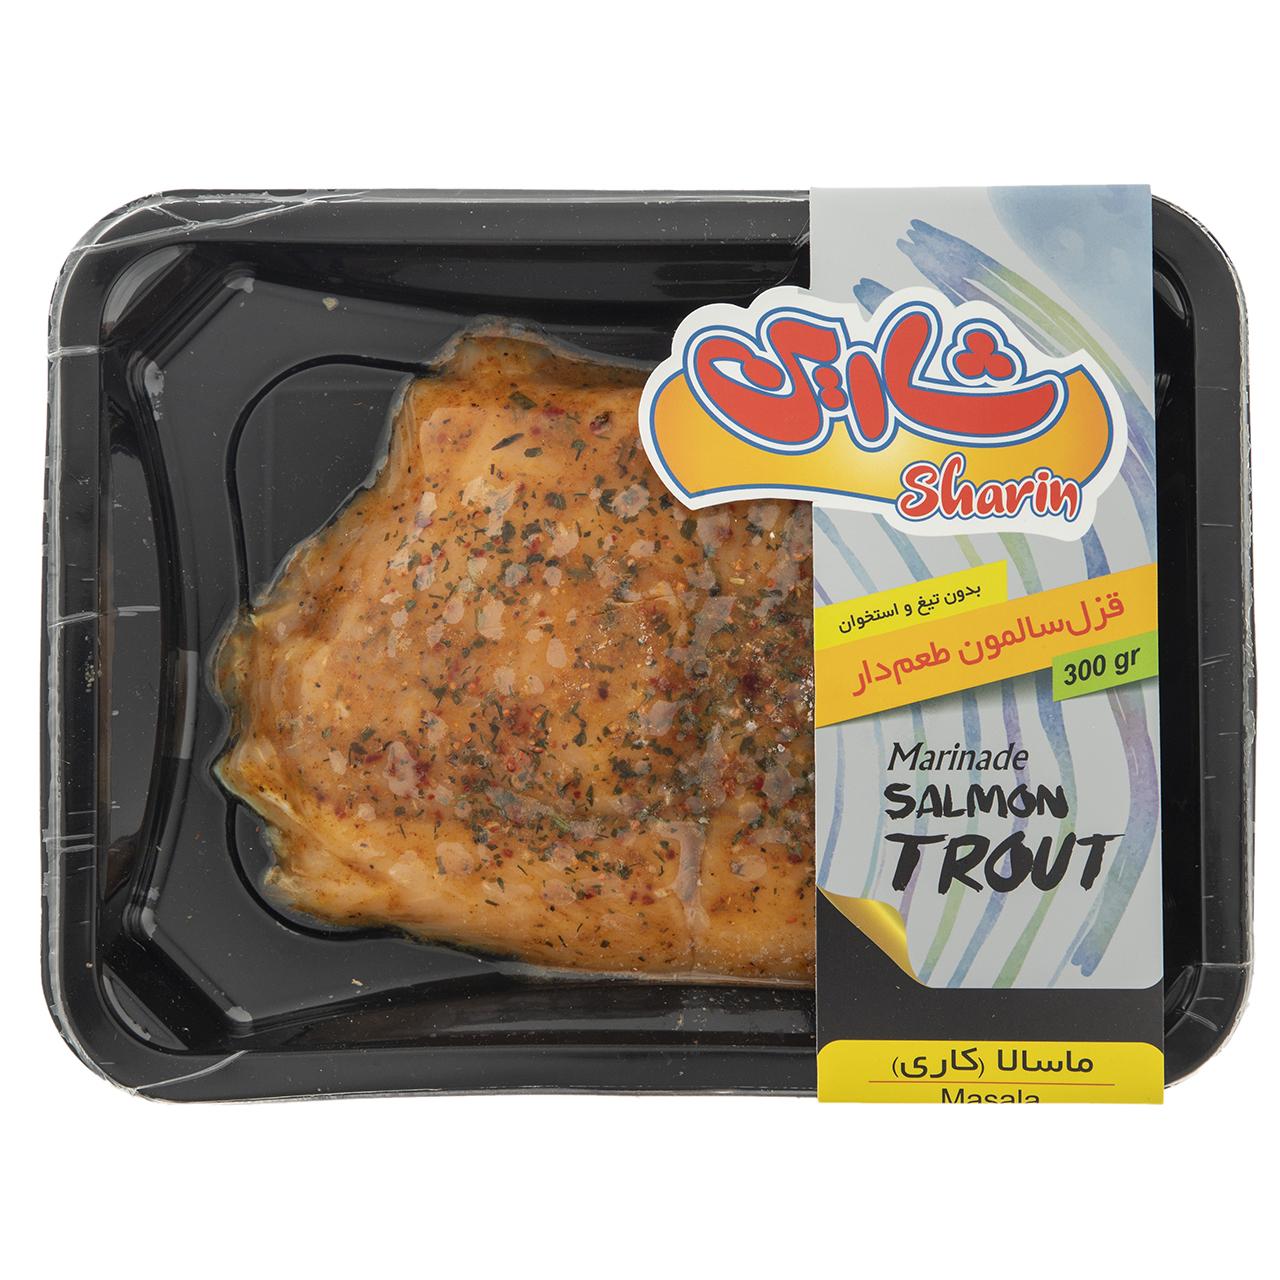 ماهی قزل سالمون طعم دار با طعم ماسالا شارین مقدار 300 گرم